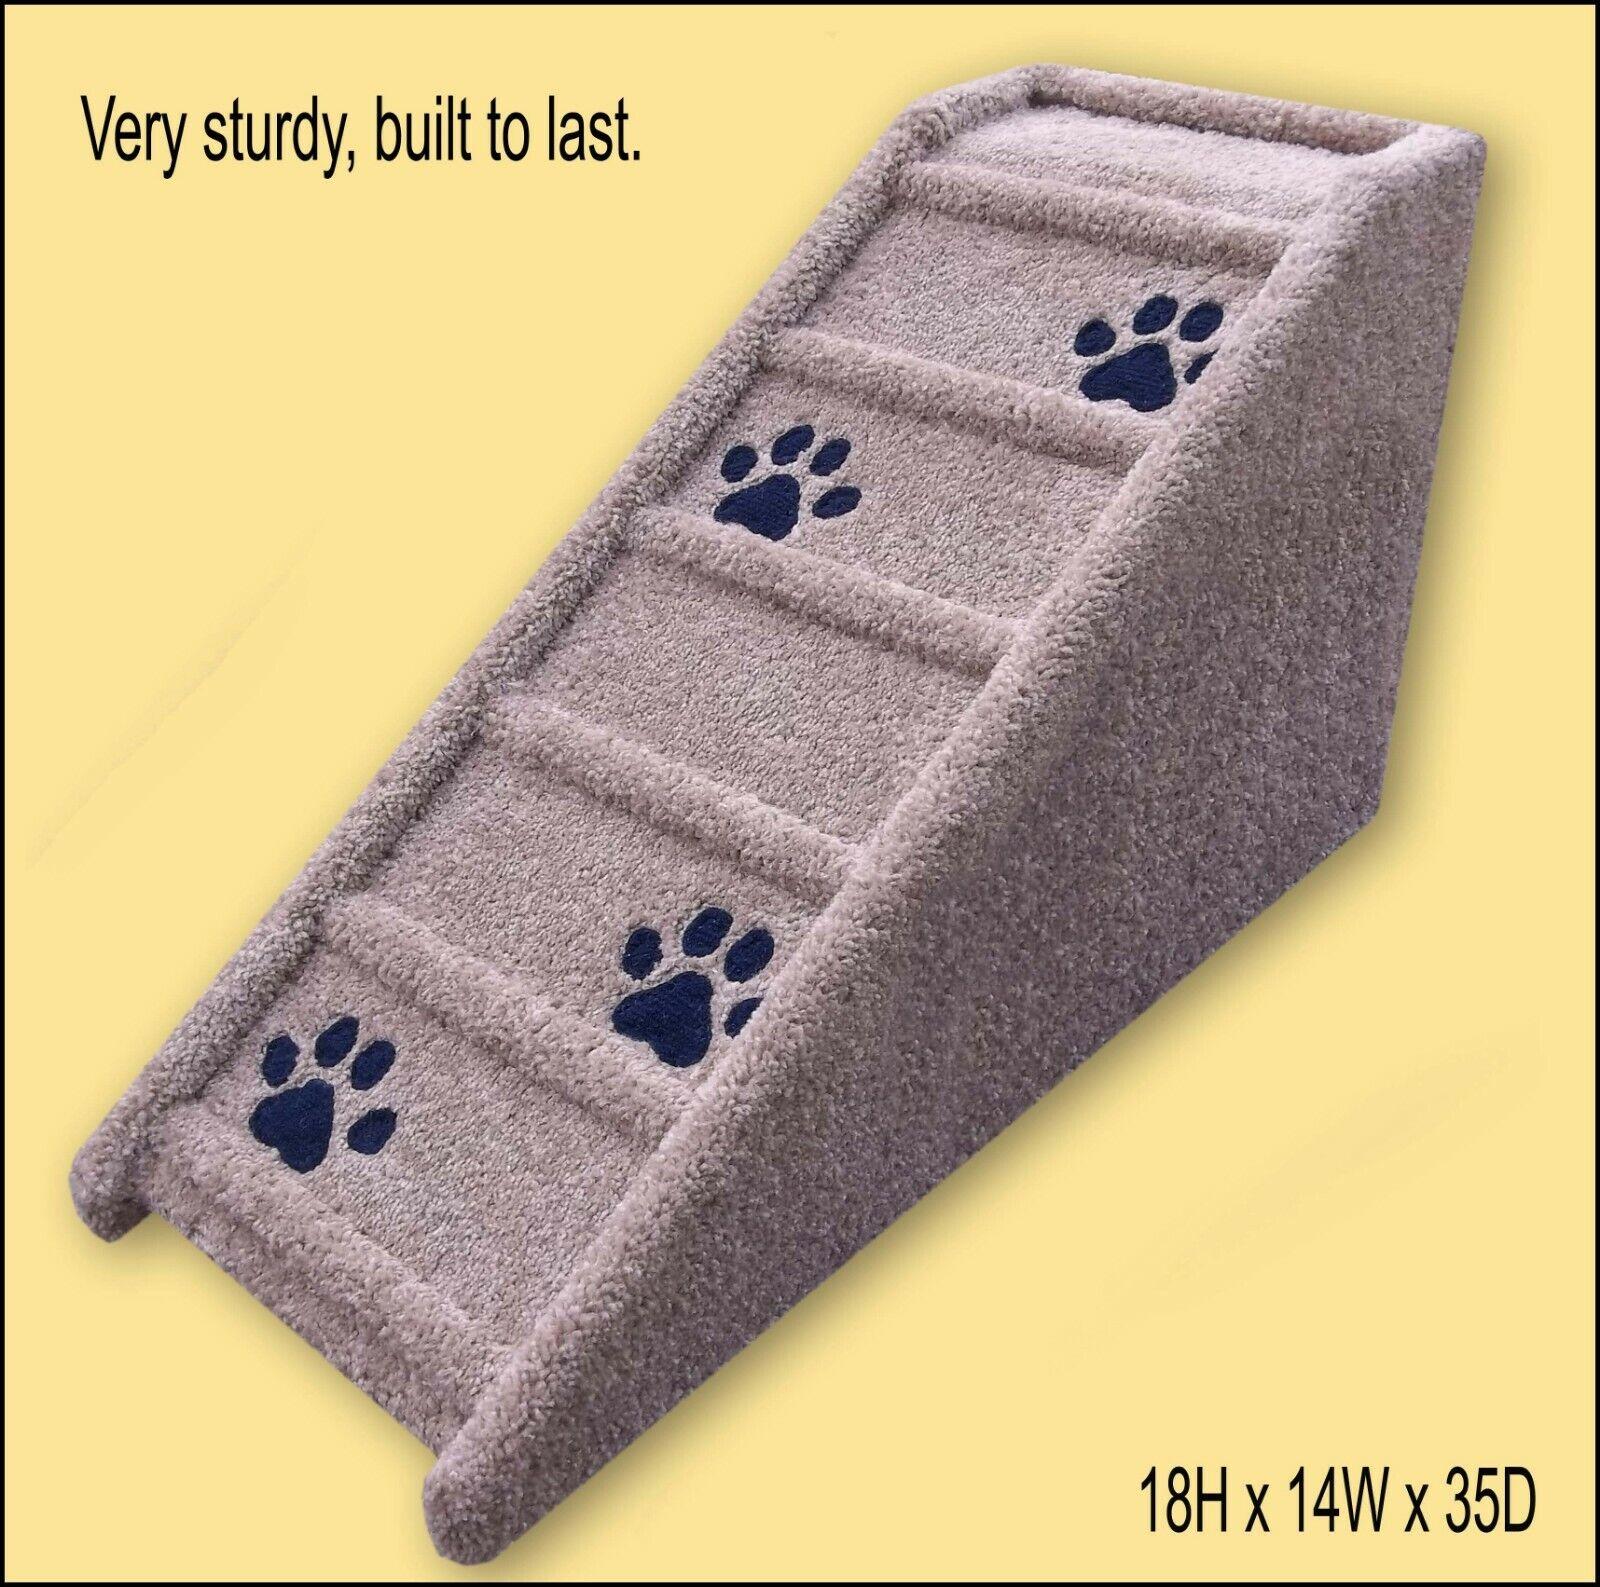 più sconto Pet Ramp with inlaid paw paw paw prints. Dog Ramp 18Hx14Wx35D. Dog Ramp.  negozio a basso costo